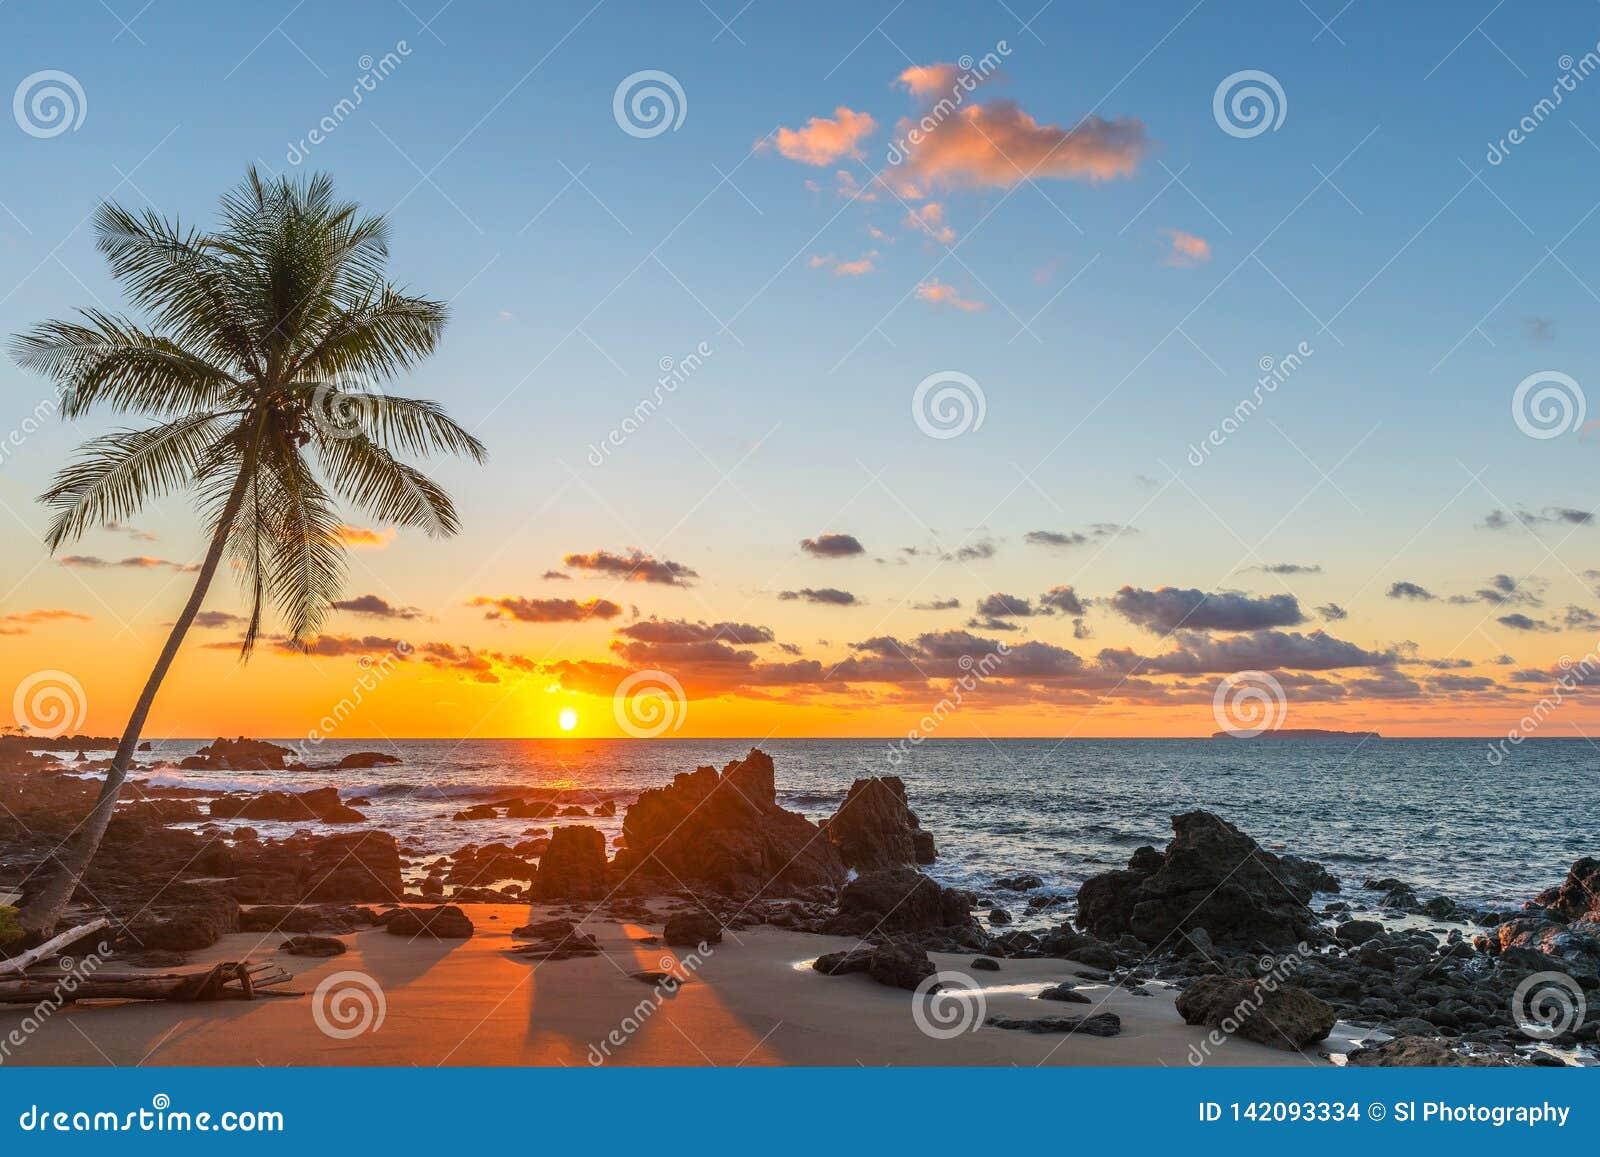 Sonnenuntergang mit Palme-Schattenbild, Costa Rica